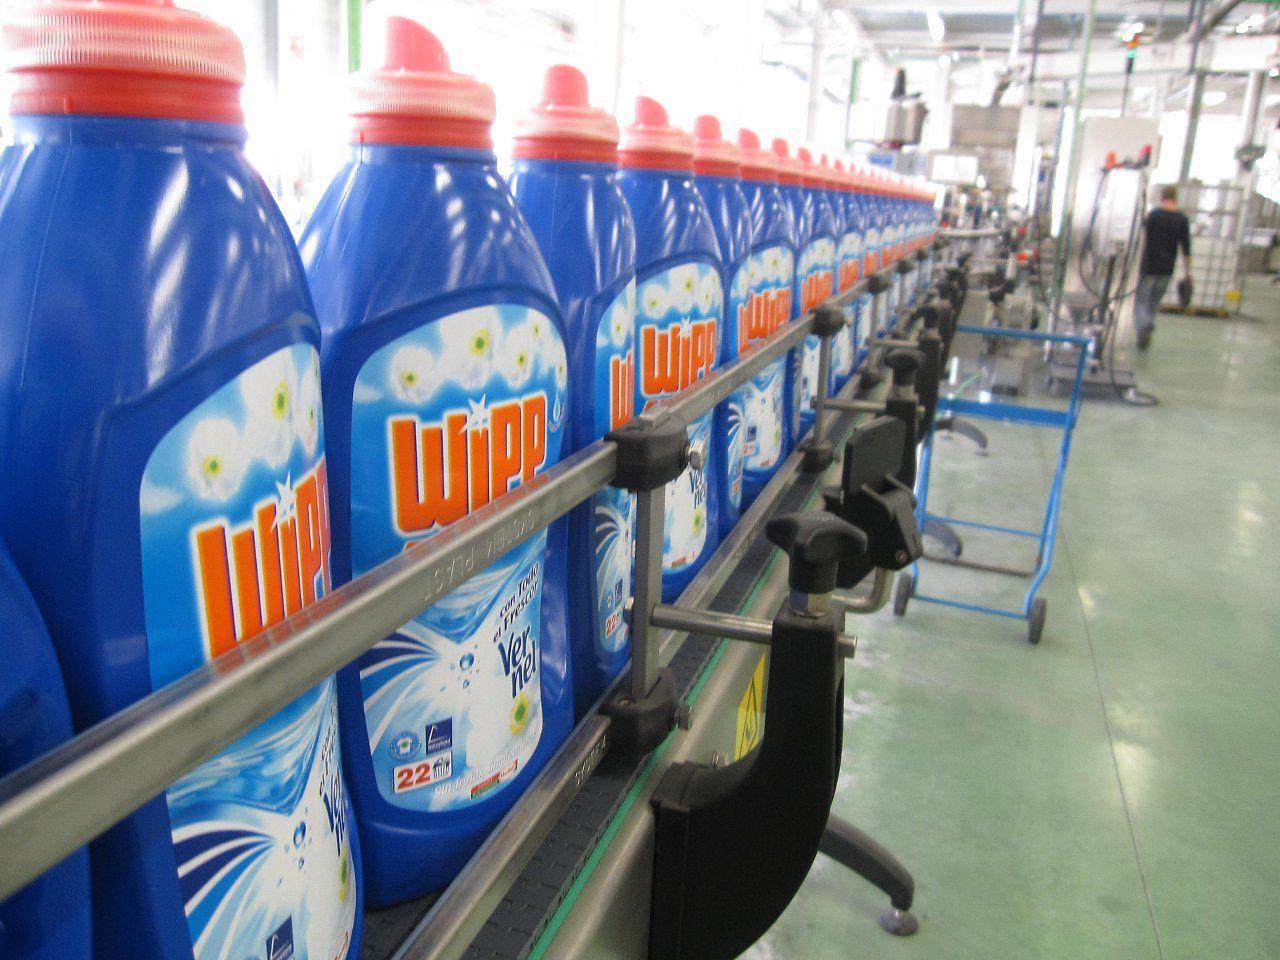 La fábrica produce más de 200.000 toneladas al año